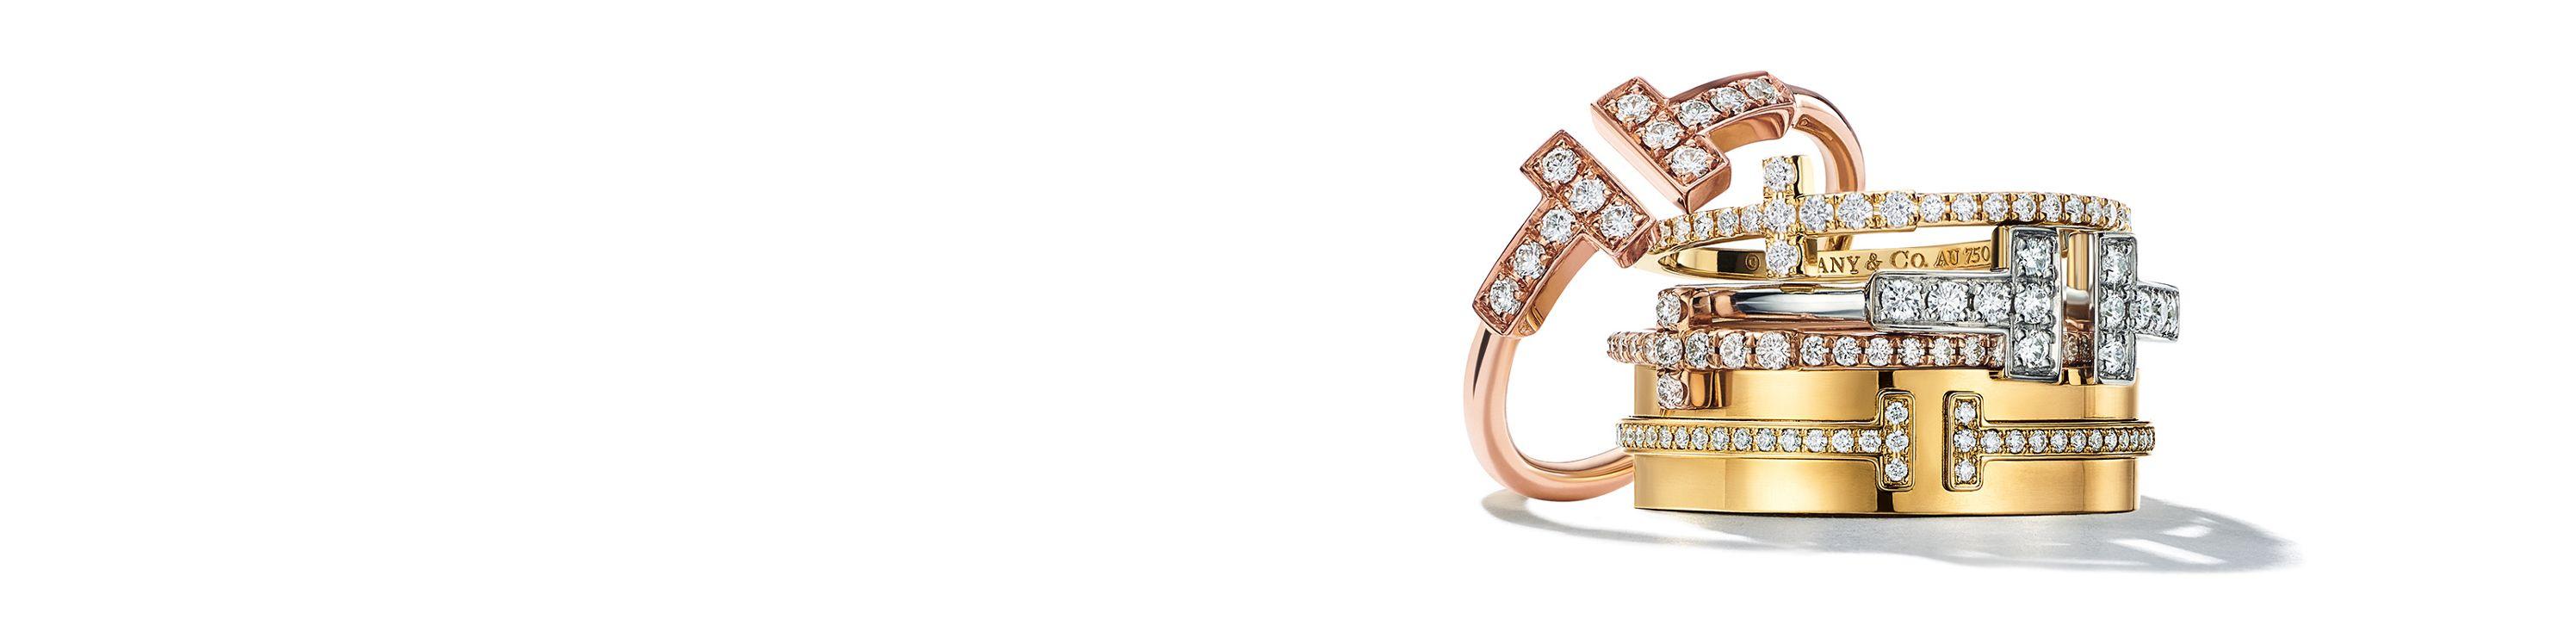 Anelli Tiffany Celebration®. Ricordi speciali dei momenti più ... 80103f160cd8